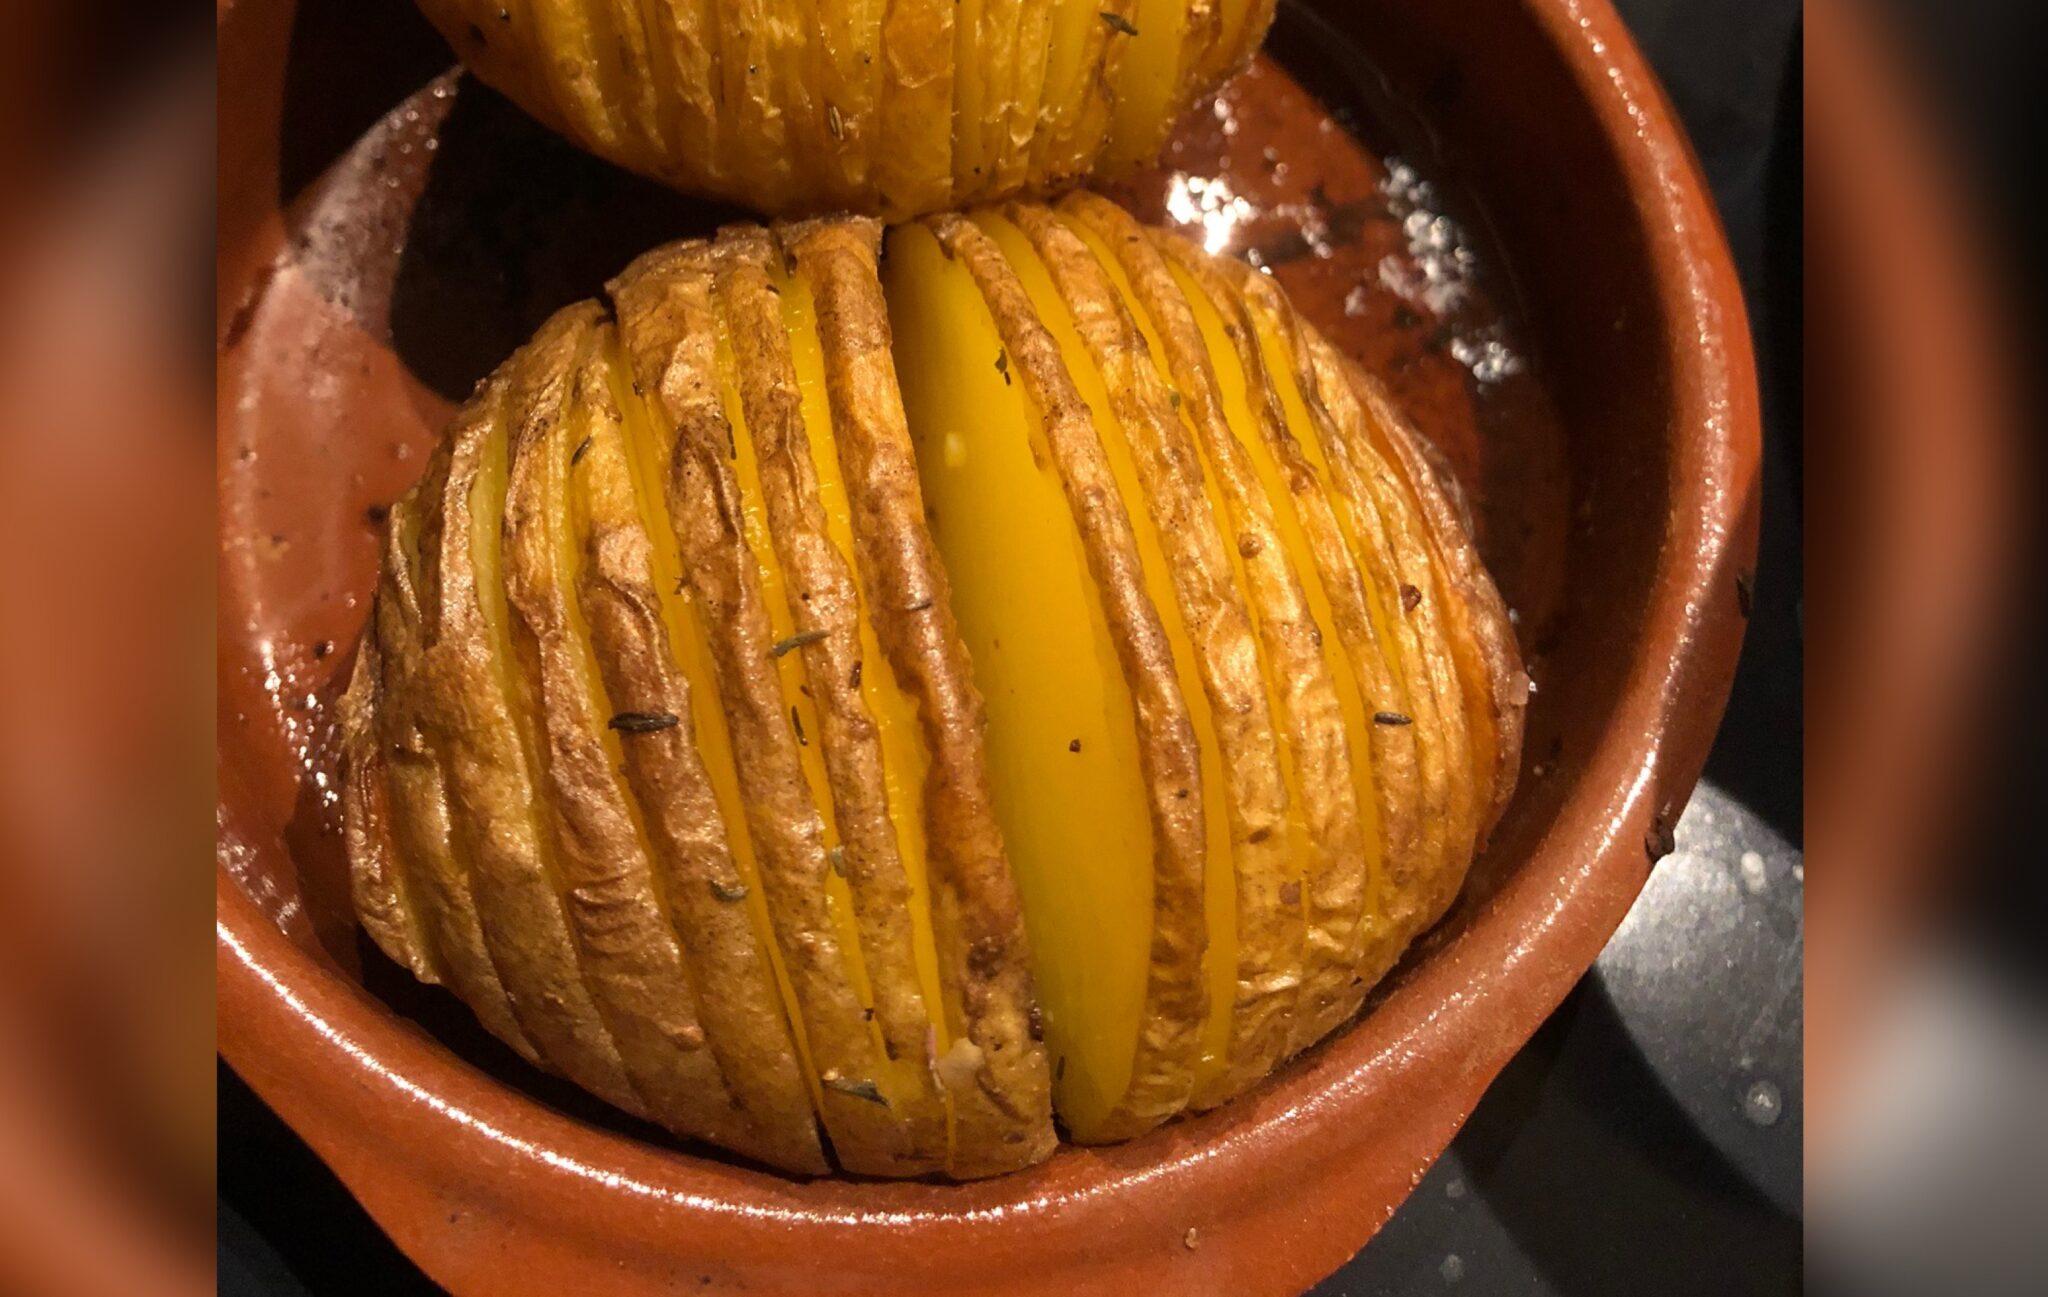 recept indebuurt bergen op zoom aardappelen recept kerst kerstmis koken Paola Timmermans